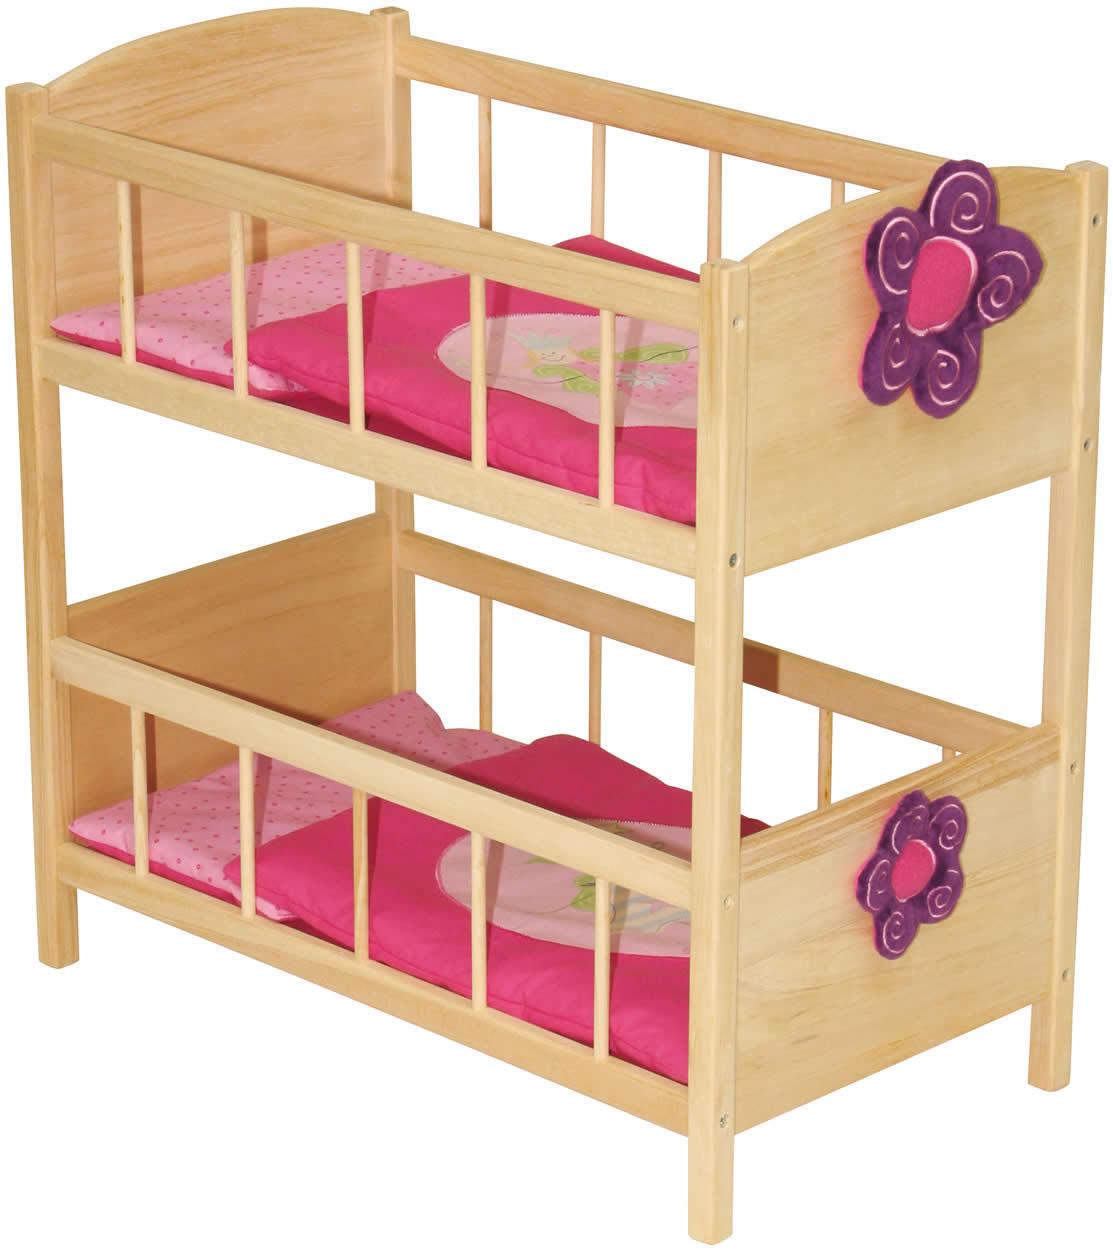 Roba bambole  Letto a castello Happy Fee letto a castello letto bambole di legno  spedizione gratuita in tutto il mondo